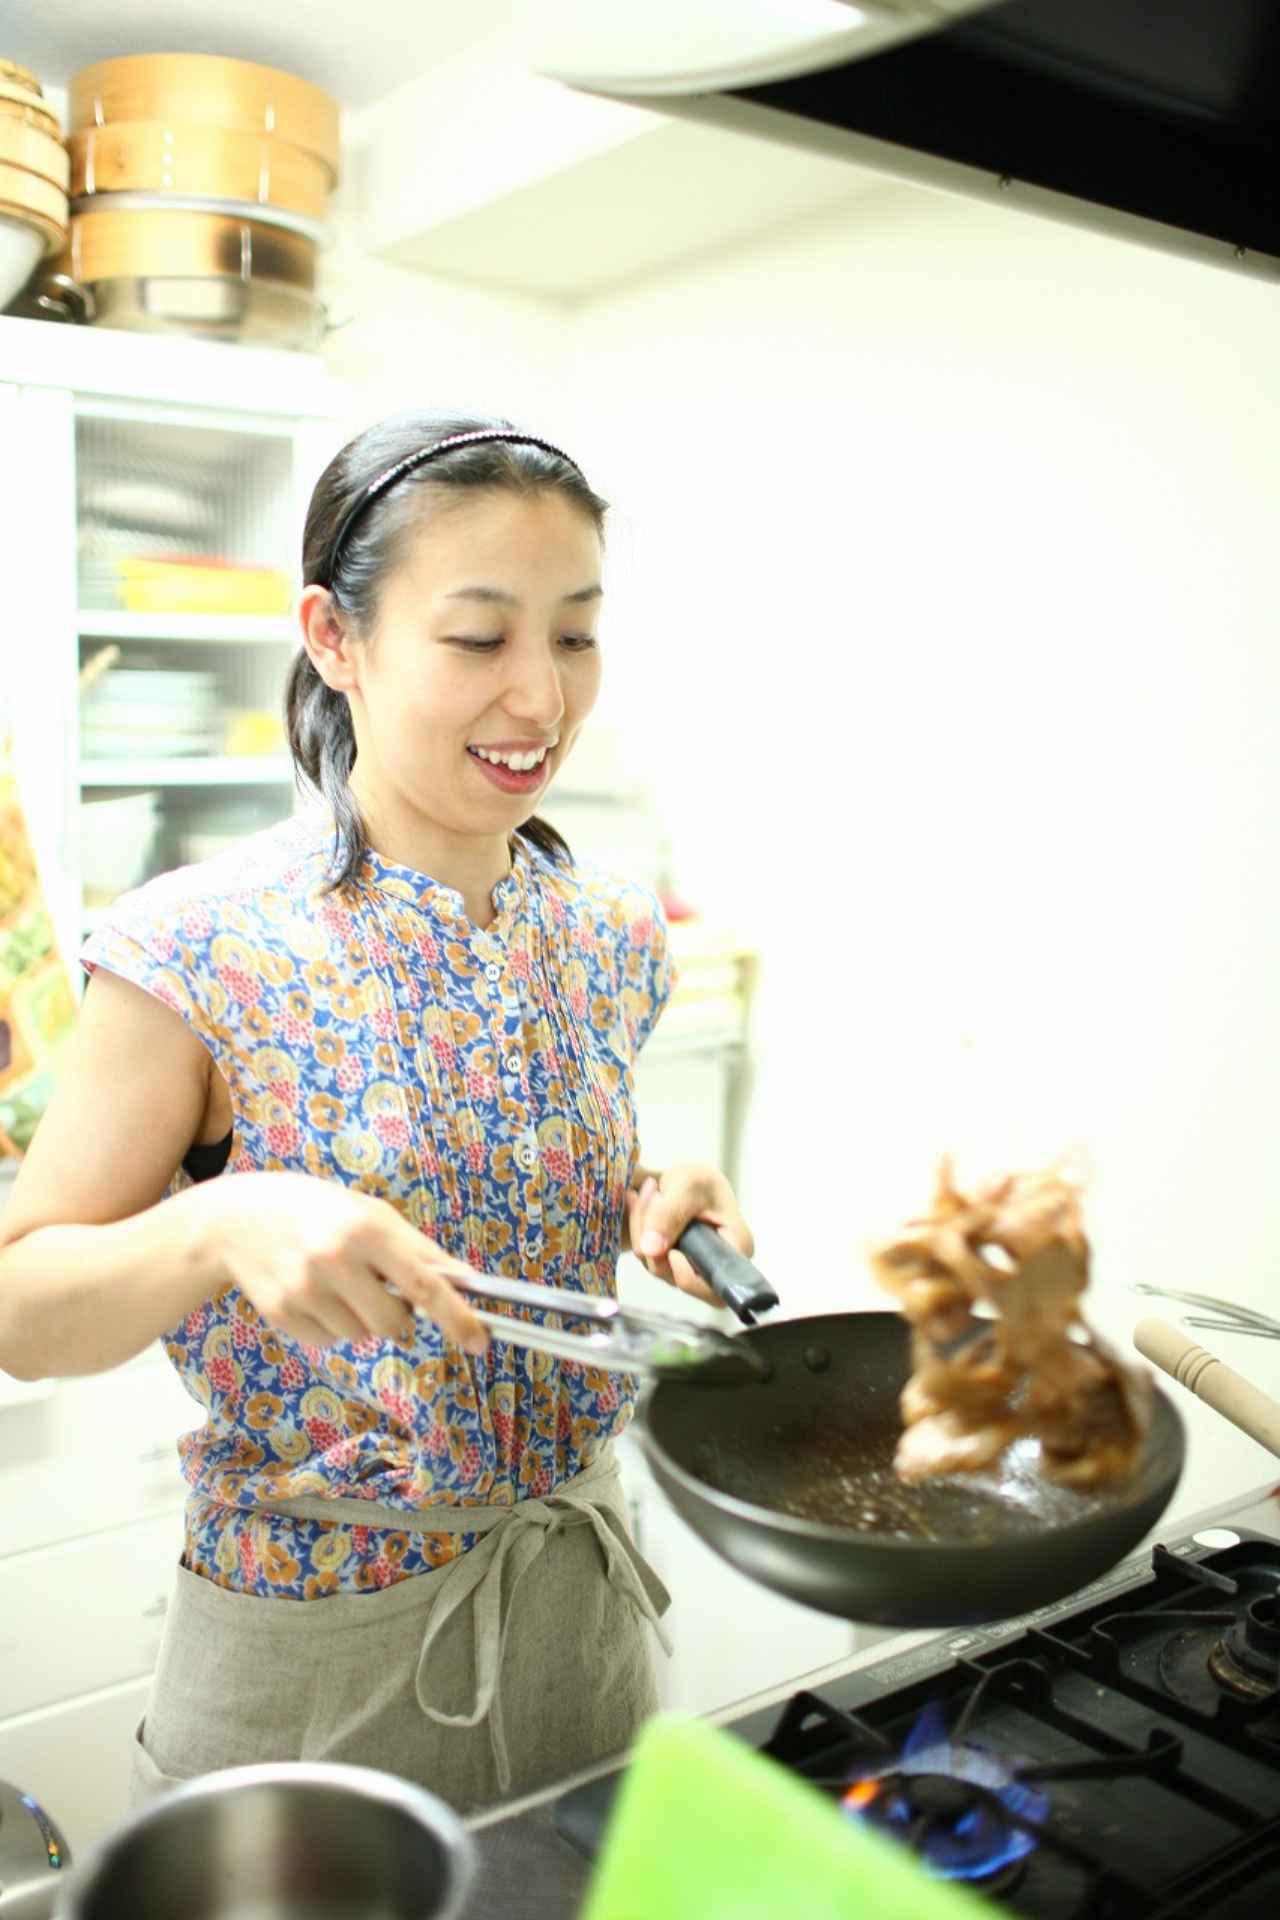 画像: フードコーディネーター 舘野真知子先生 管理栄養士の資格を持ち、栄養カウンセラーも行う料理研究家